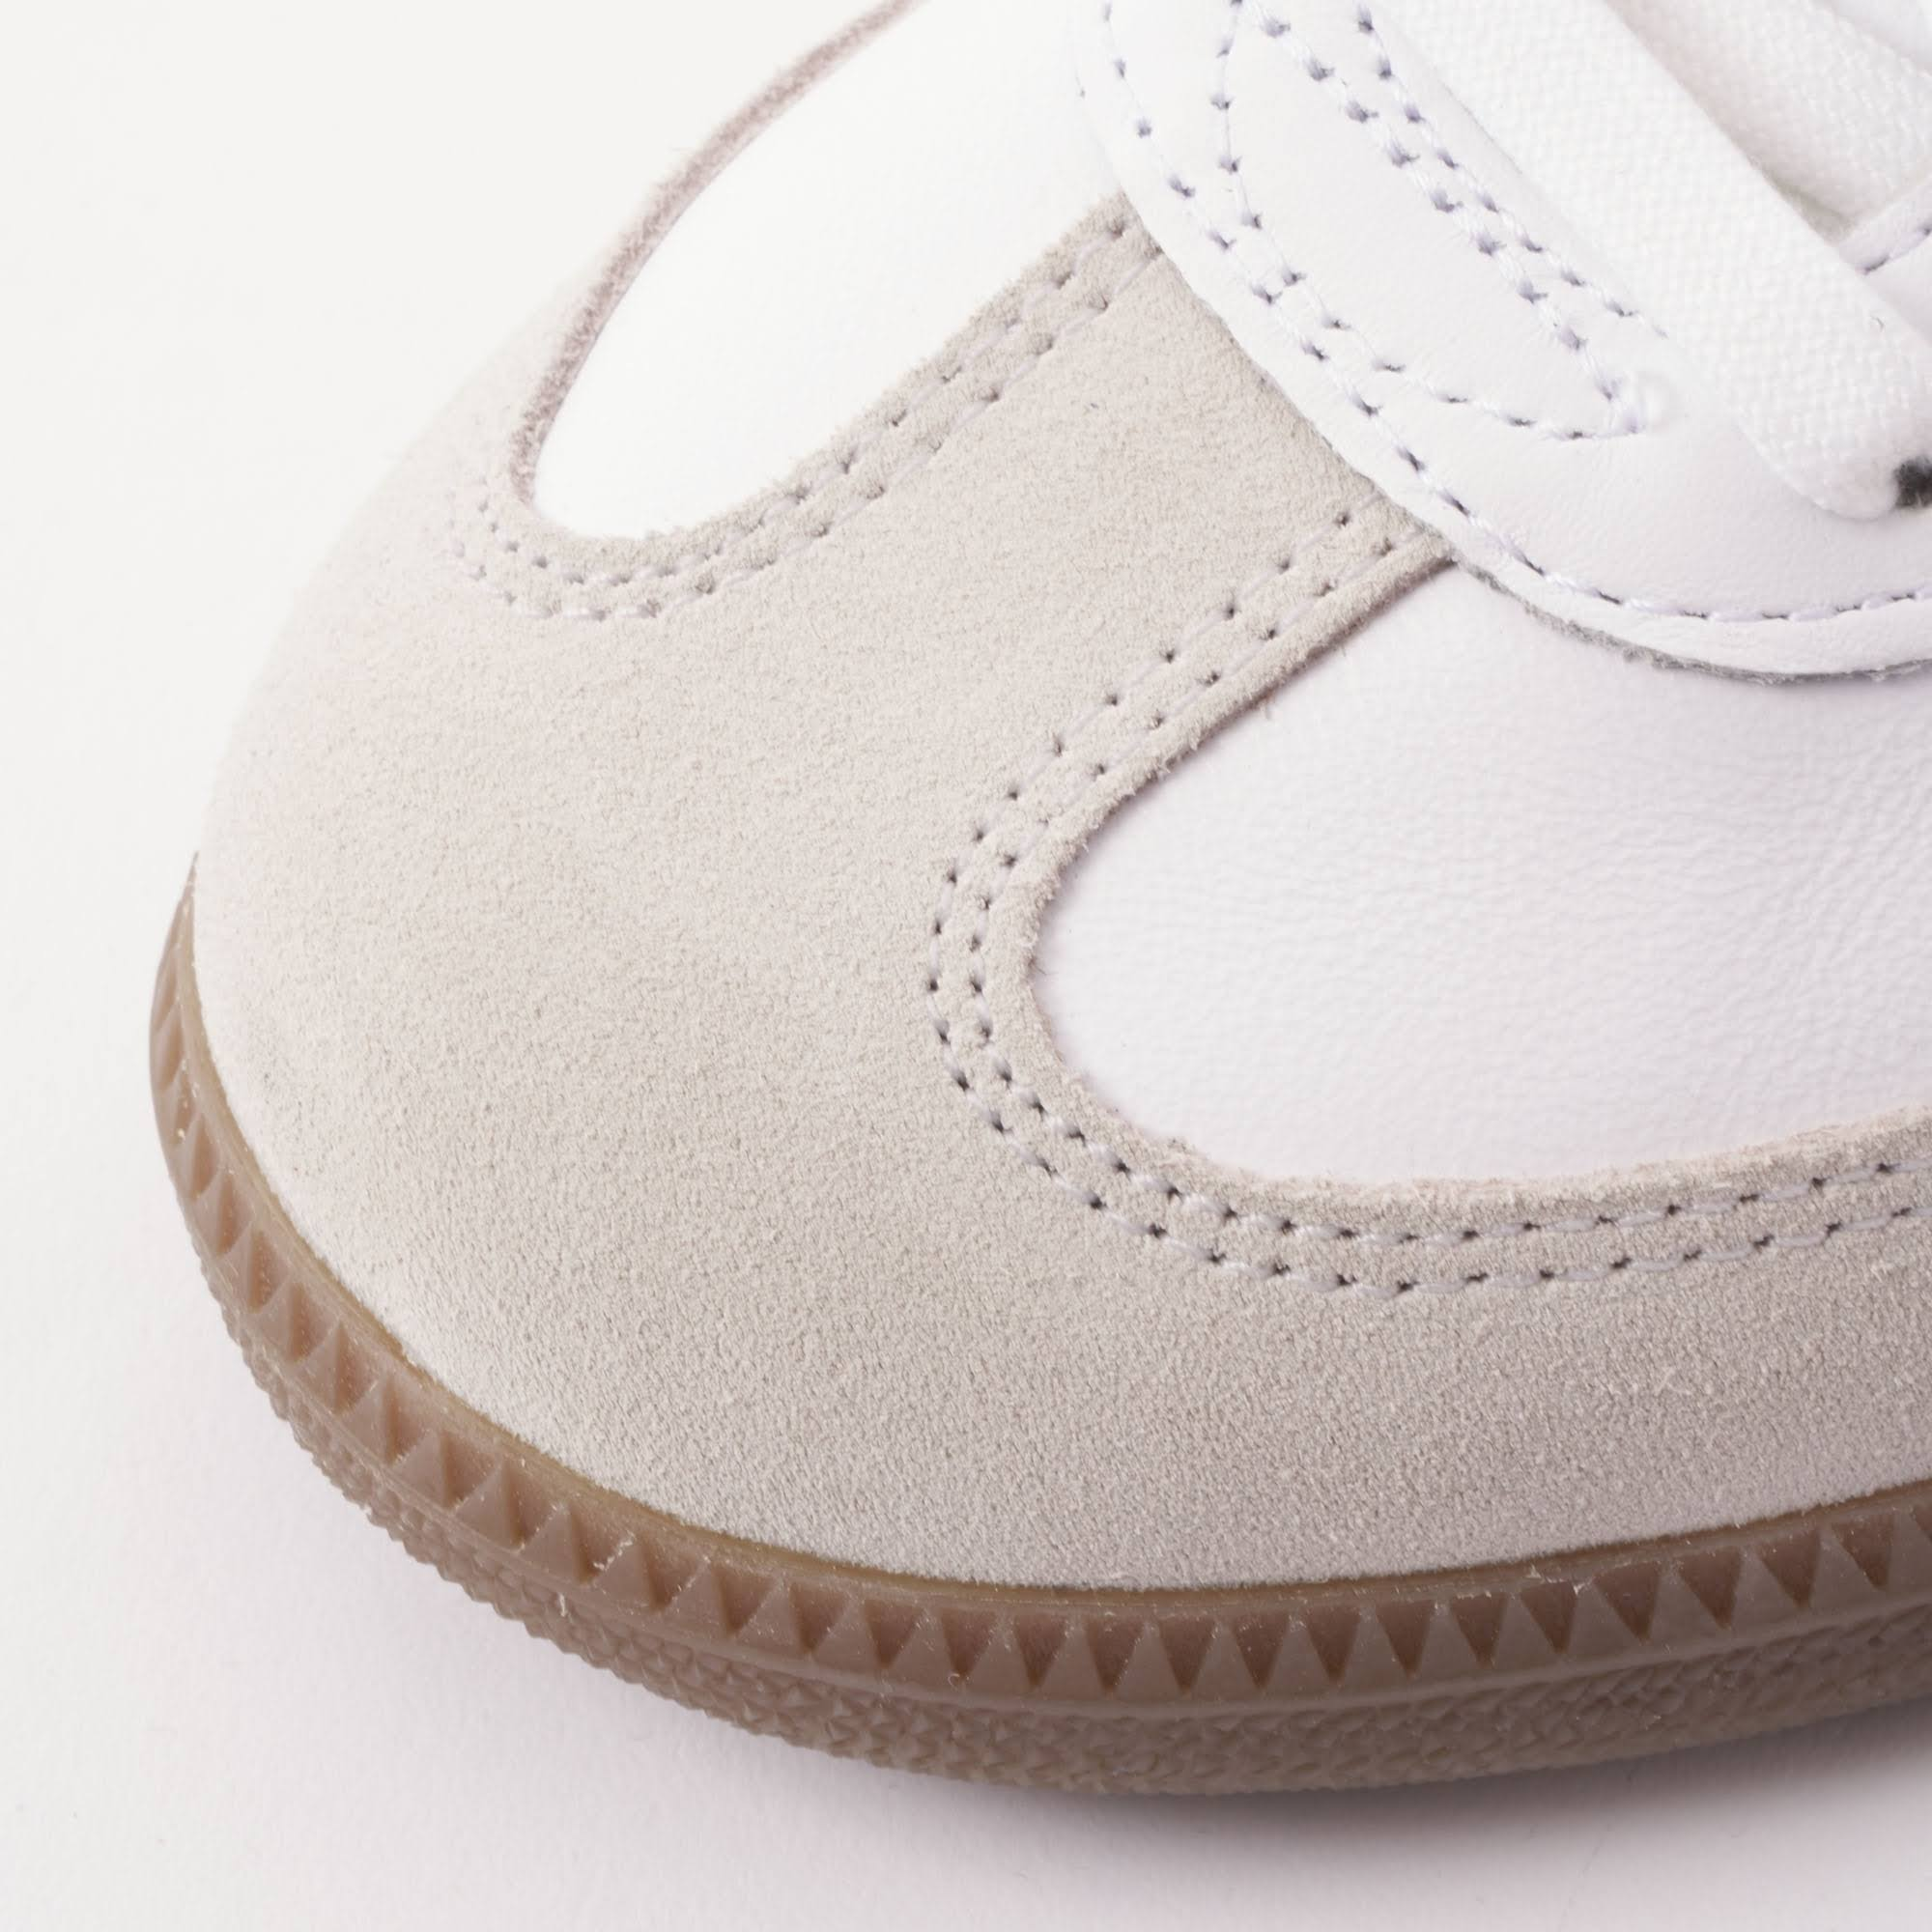 Schuhe Größe Originals Adidas Marine College Gummi B75681 Weiß Samba amp; Navy Farbe Og Kristall xvdgxrw